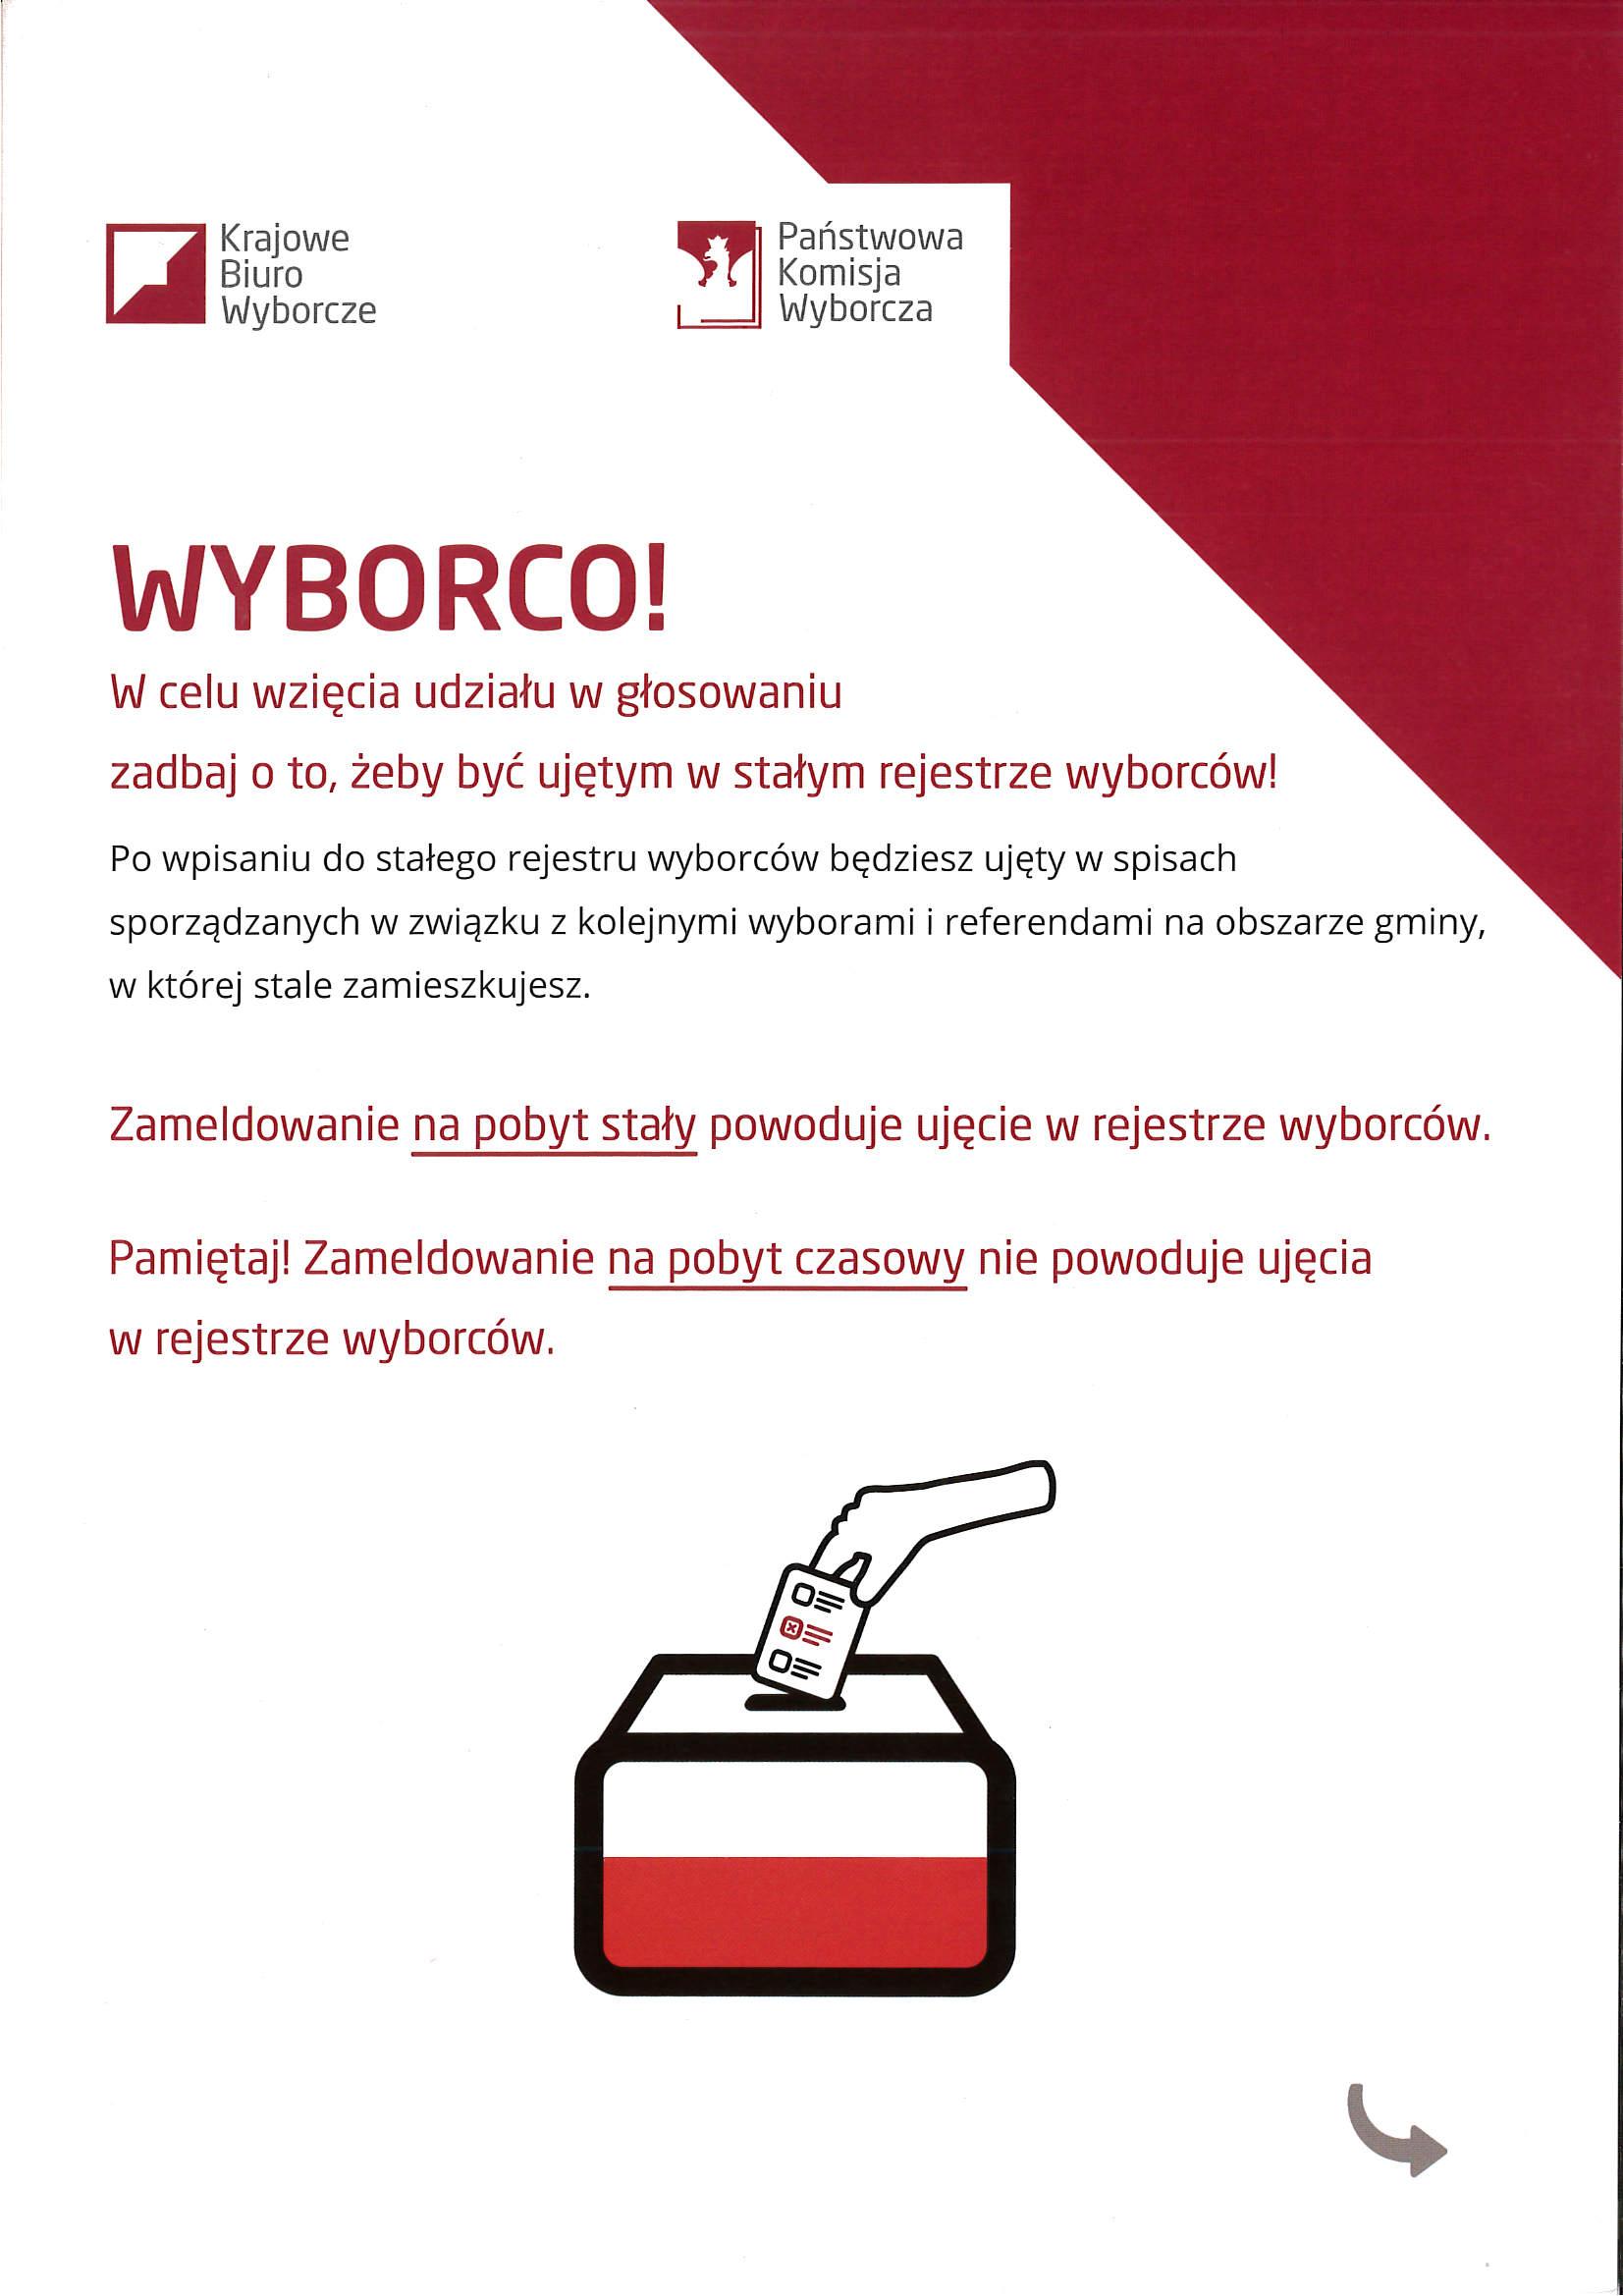 Ilustracja do informacji: WYBORCO! W celu wzięcia udziału w głosowaniu zadbaj o to, żeby być ujętym w stałym rejestrze wyborców!